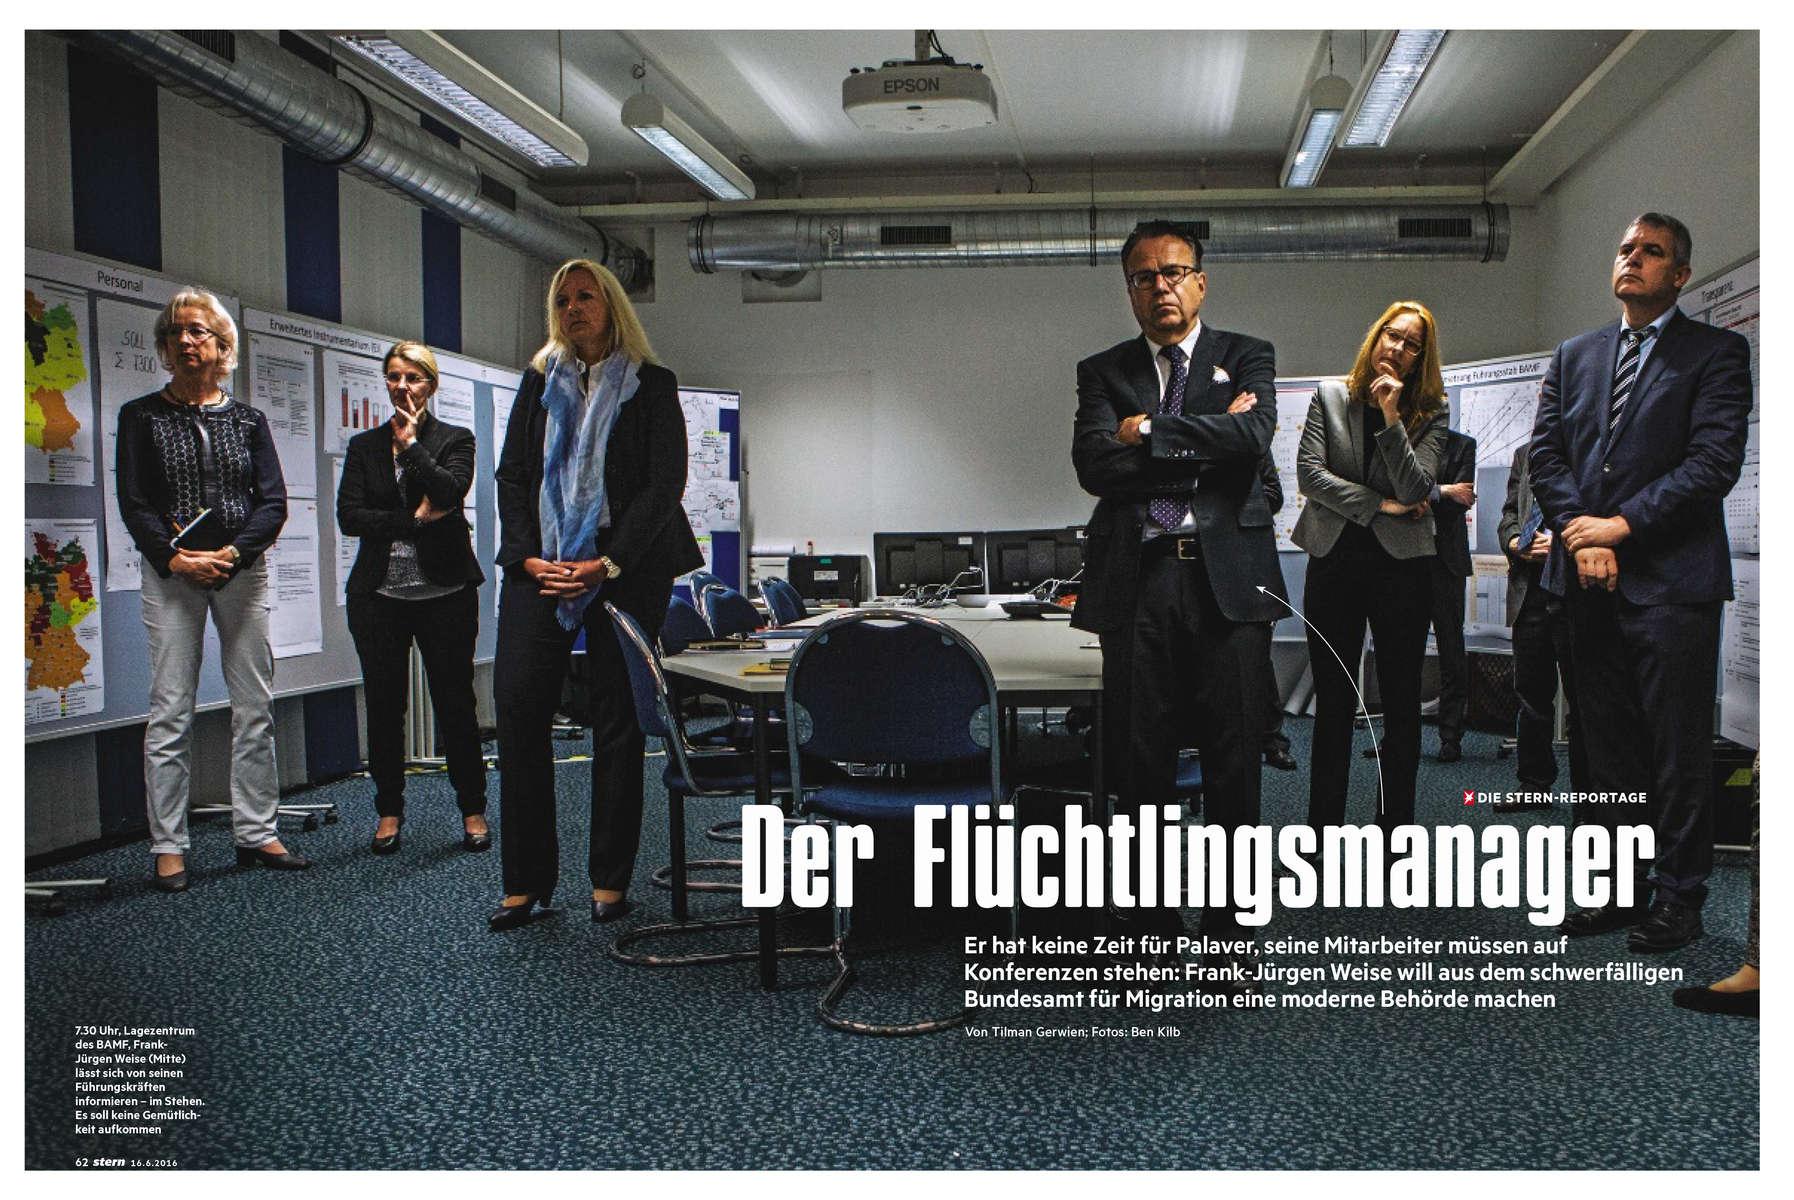 Im Bundesamte für Migration und Flüchtlinge in Nürnberg berät sich dessen Leiter Frank-Jürgen Weise mit seinen engsten Mitarbeitern